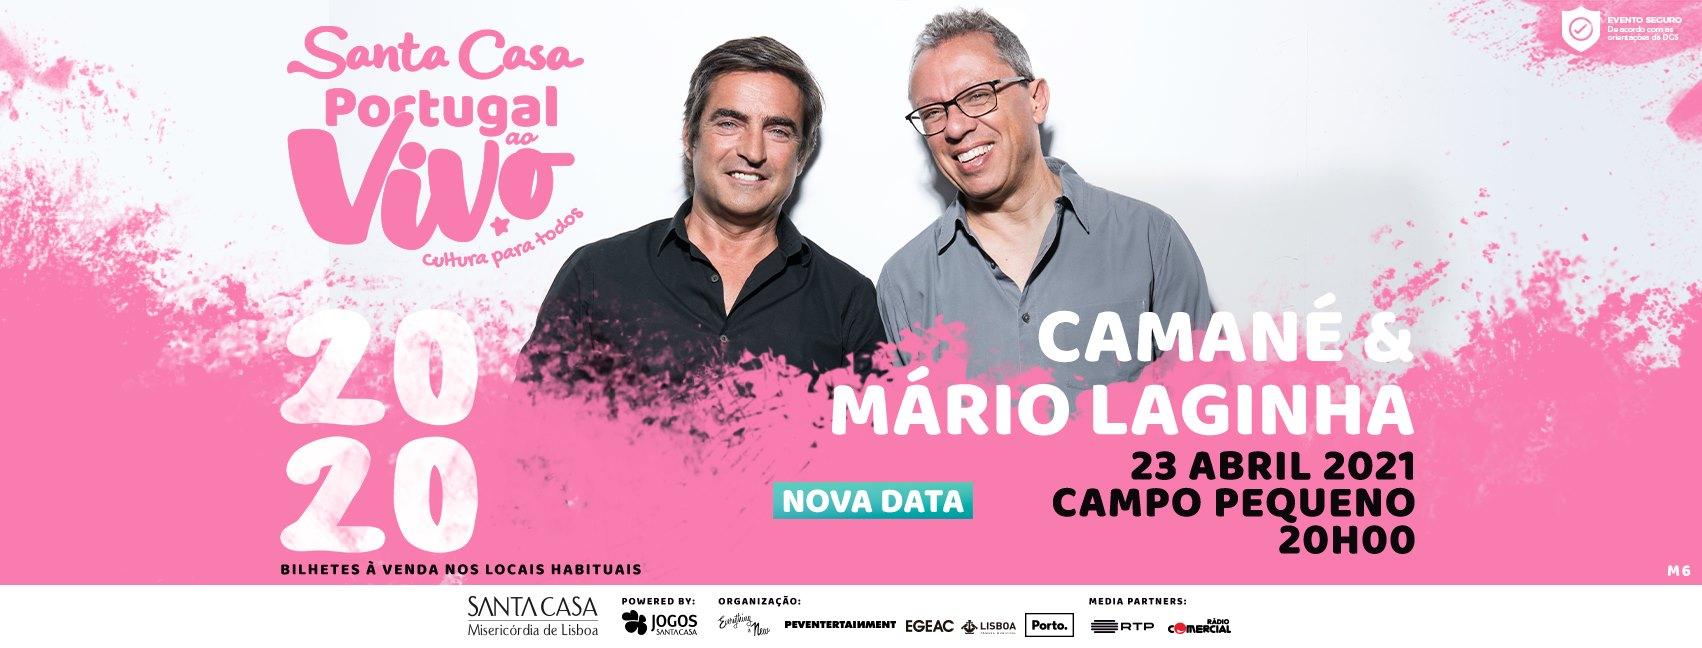 NOVA DATA: CAMANÉ E MÁRIO LAGINHA - SANTA CASA PORTUGAL AO VIVO